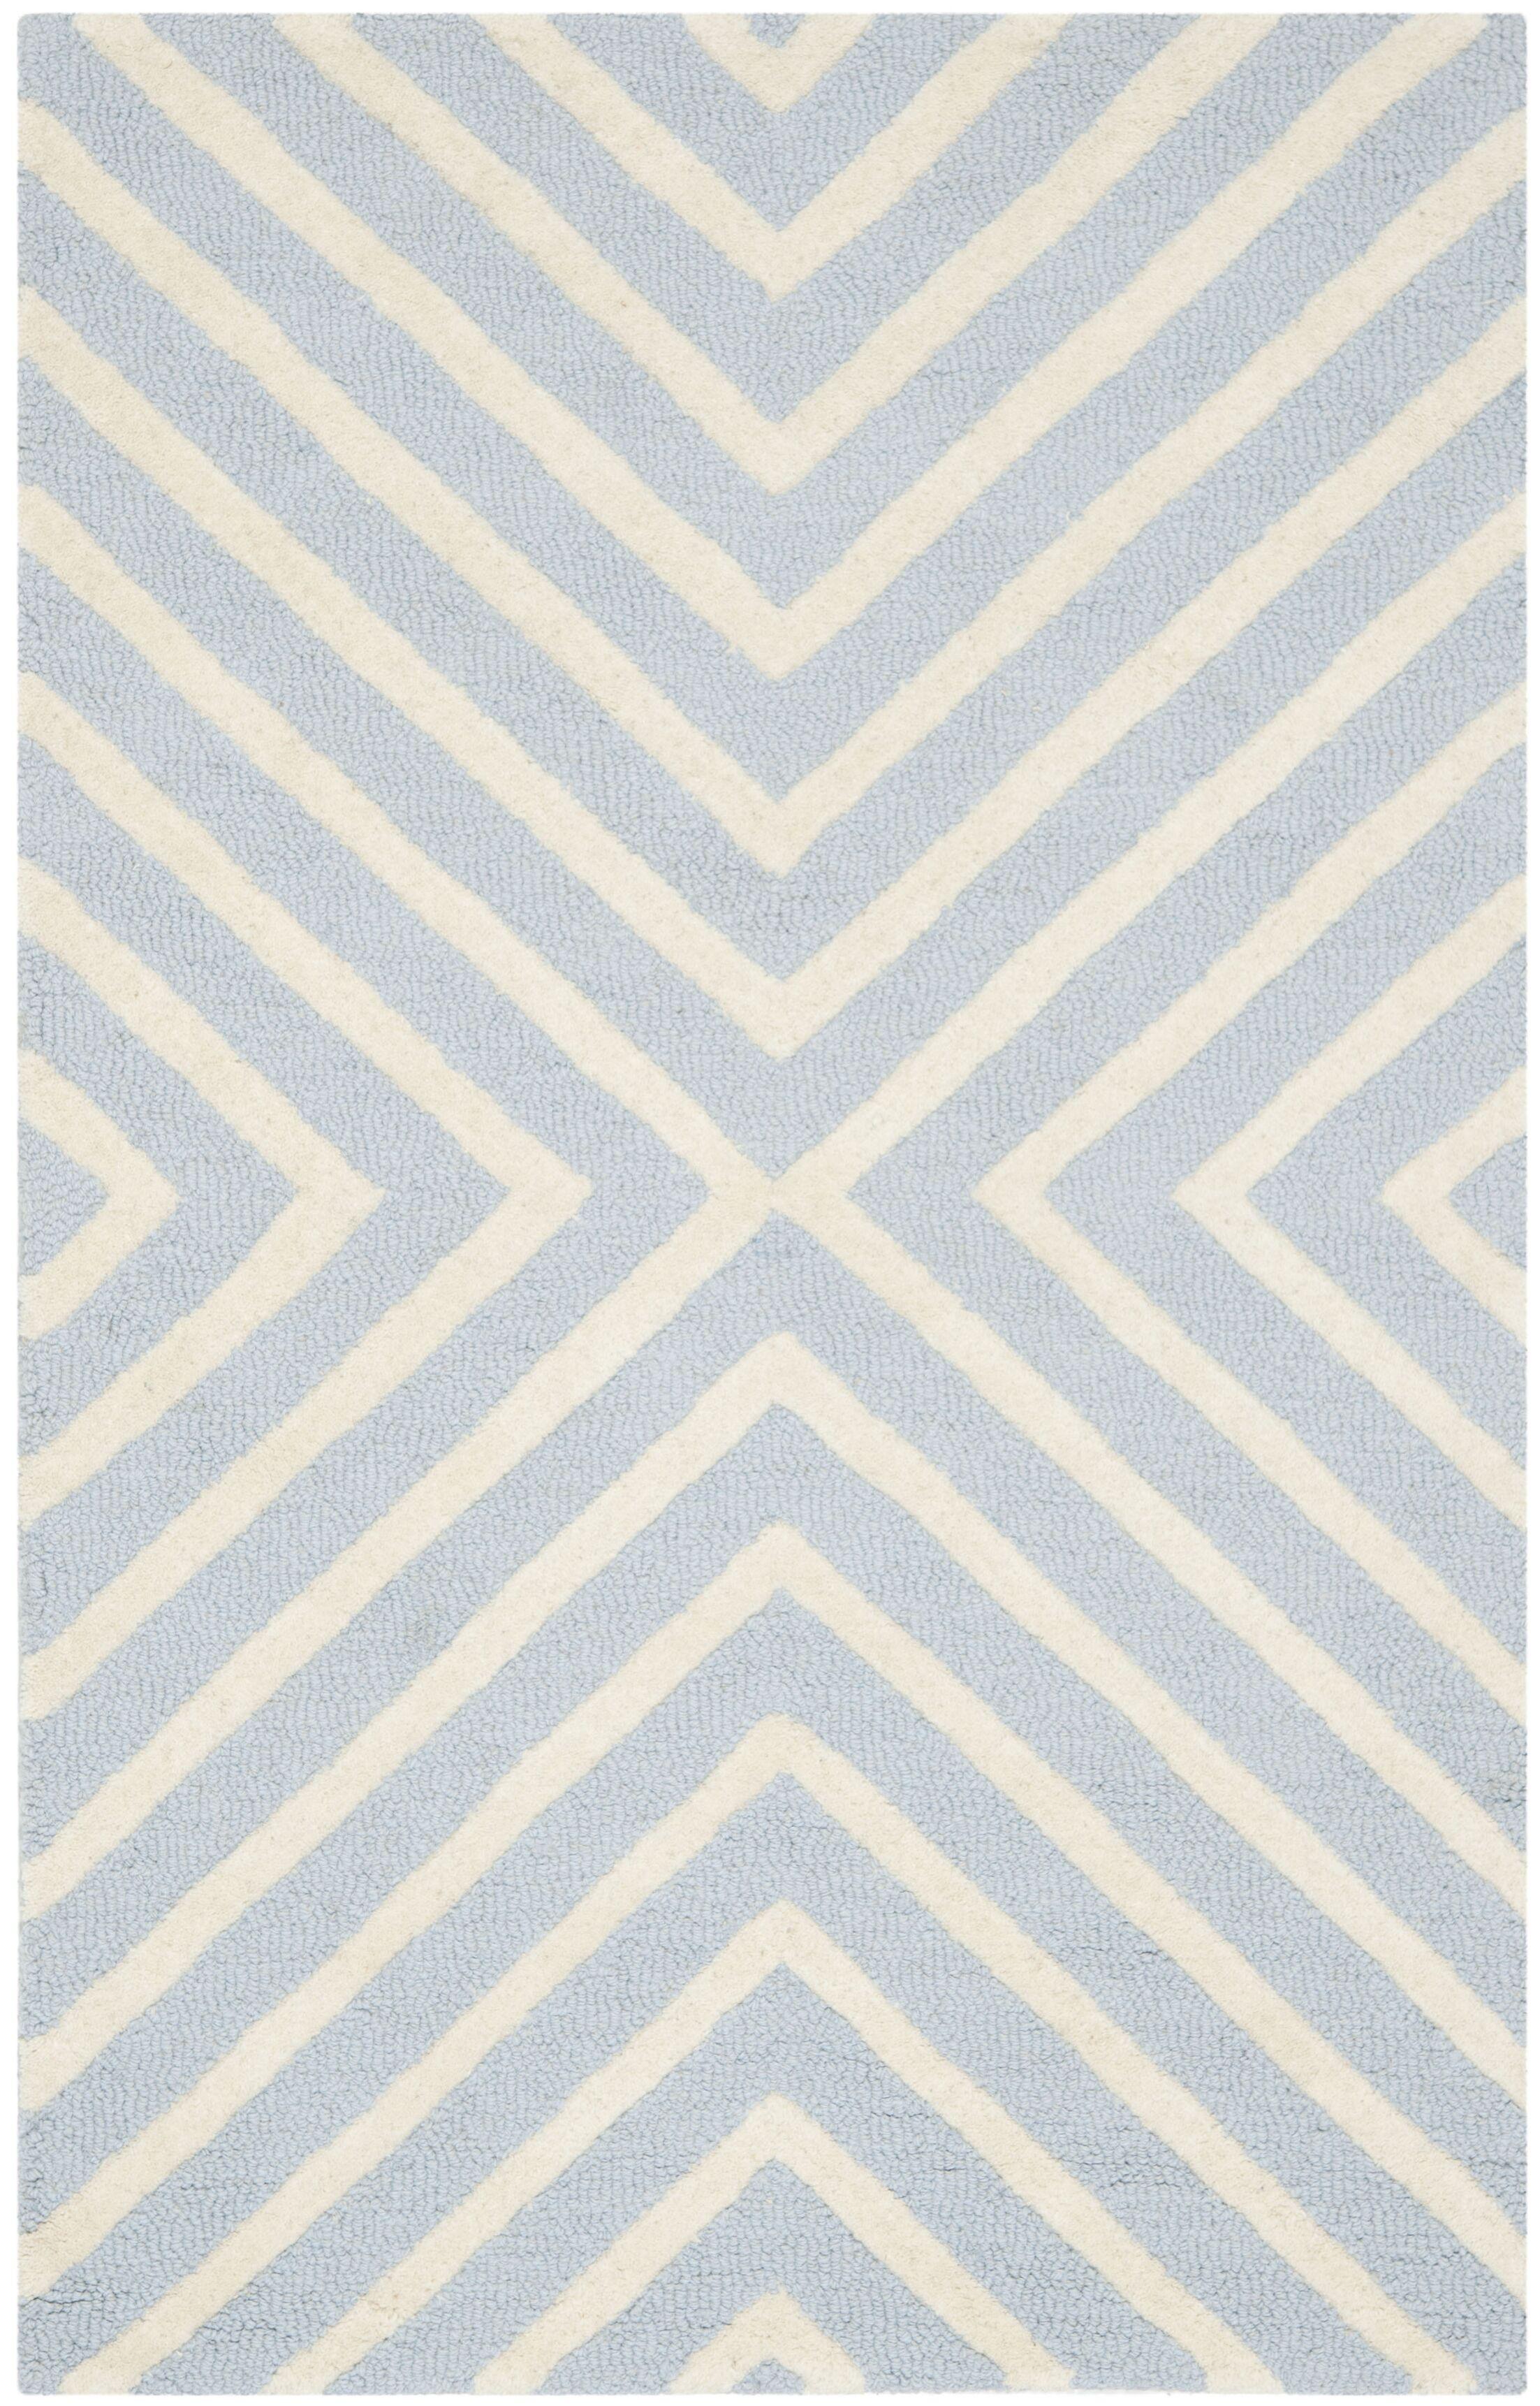 Weybridge Hand Woven Wool Light Blue/Ivory Area Rug Rug Size: Rectangle 9' x 12'